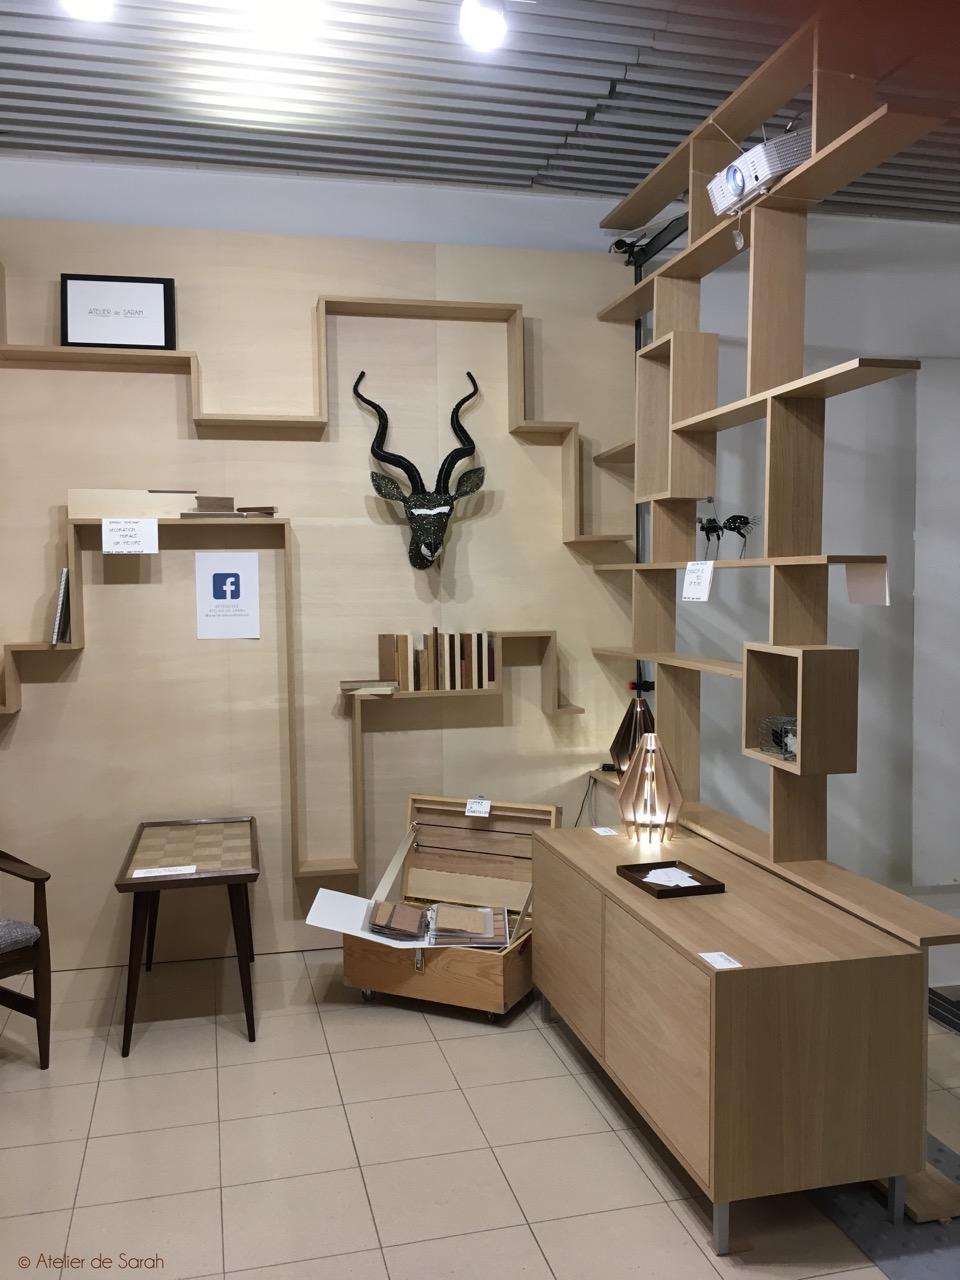 Salons-Expos 2017 I présentation décoration murale et séparateur de pièce